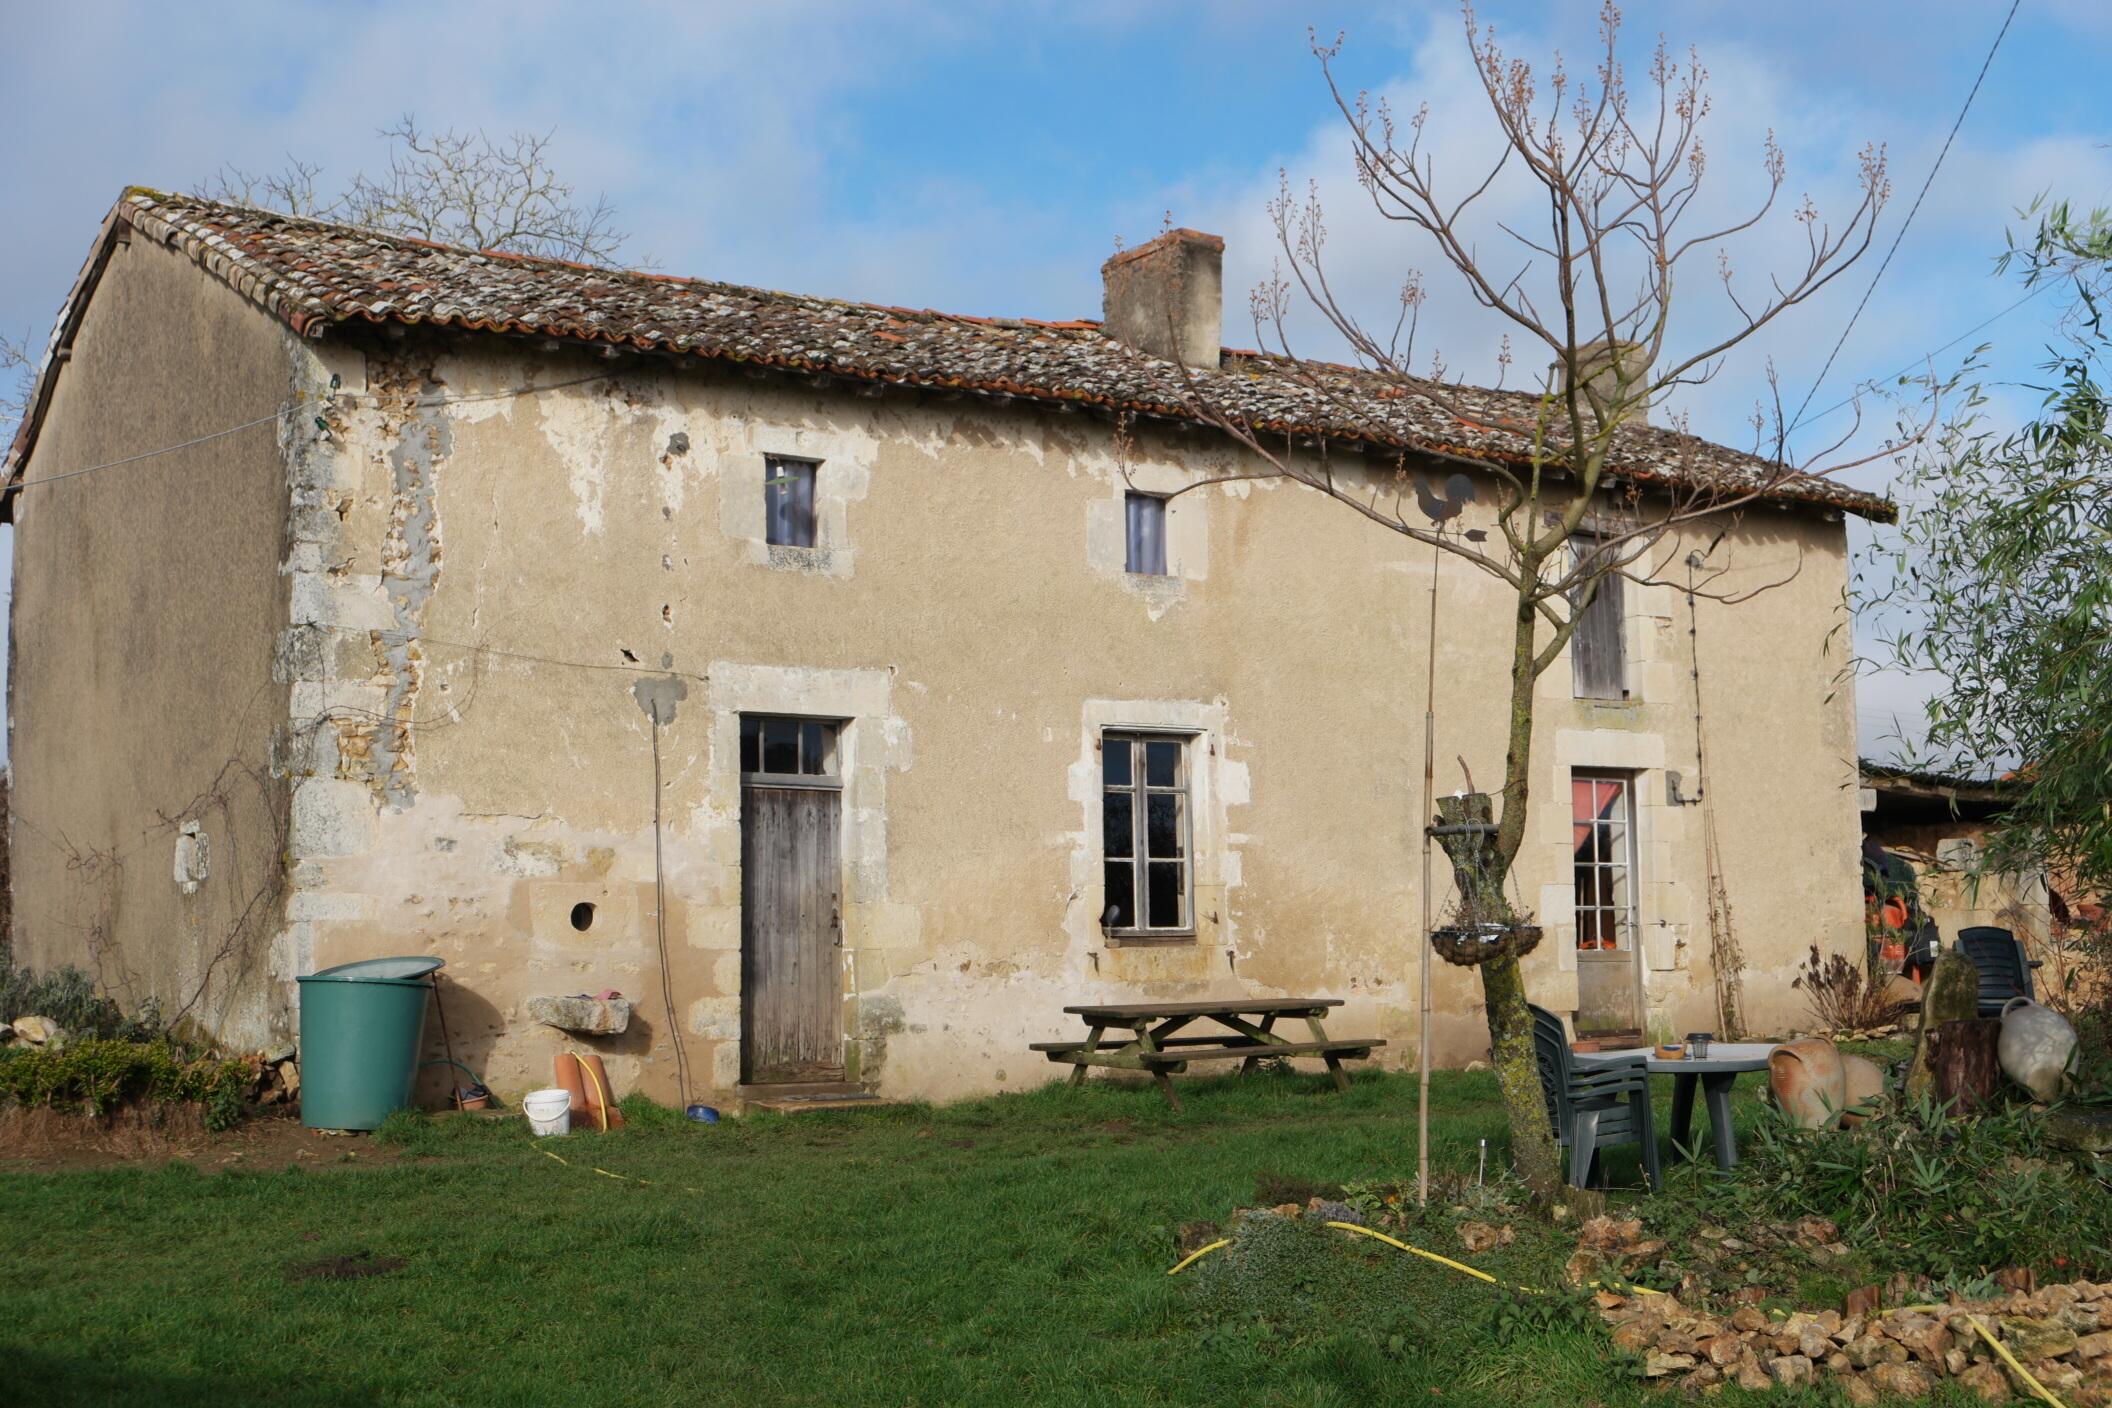 Location maison immobilier for Acheter une maison en region parisienne